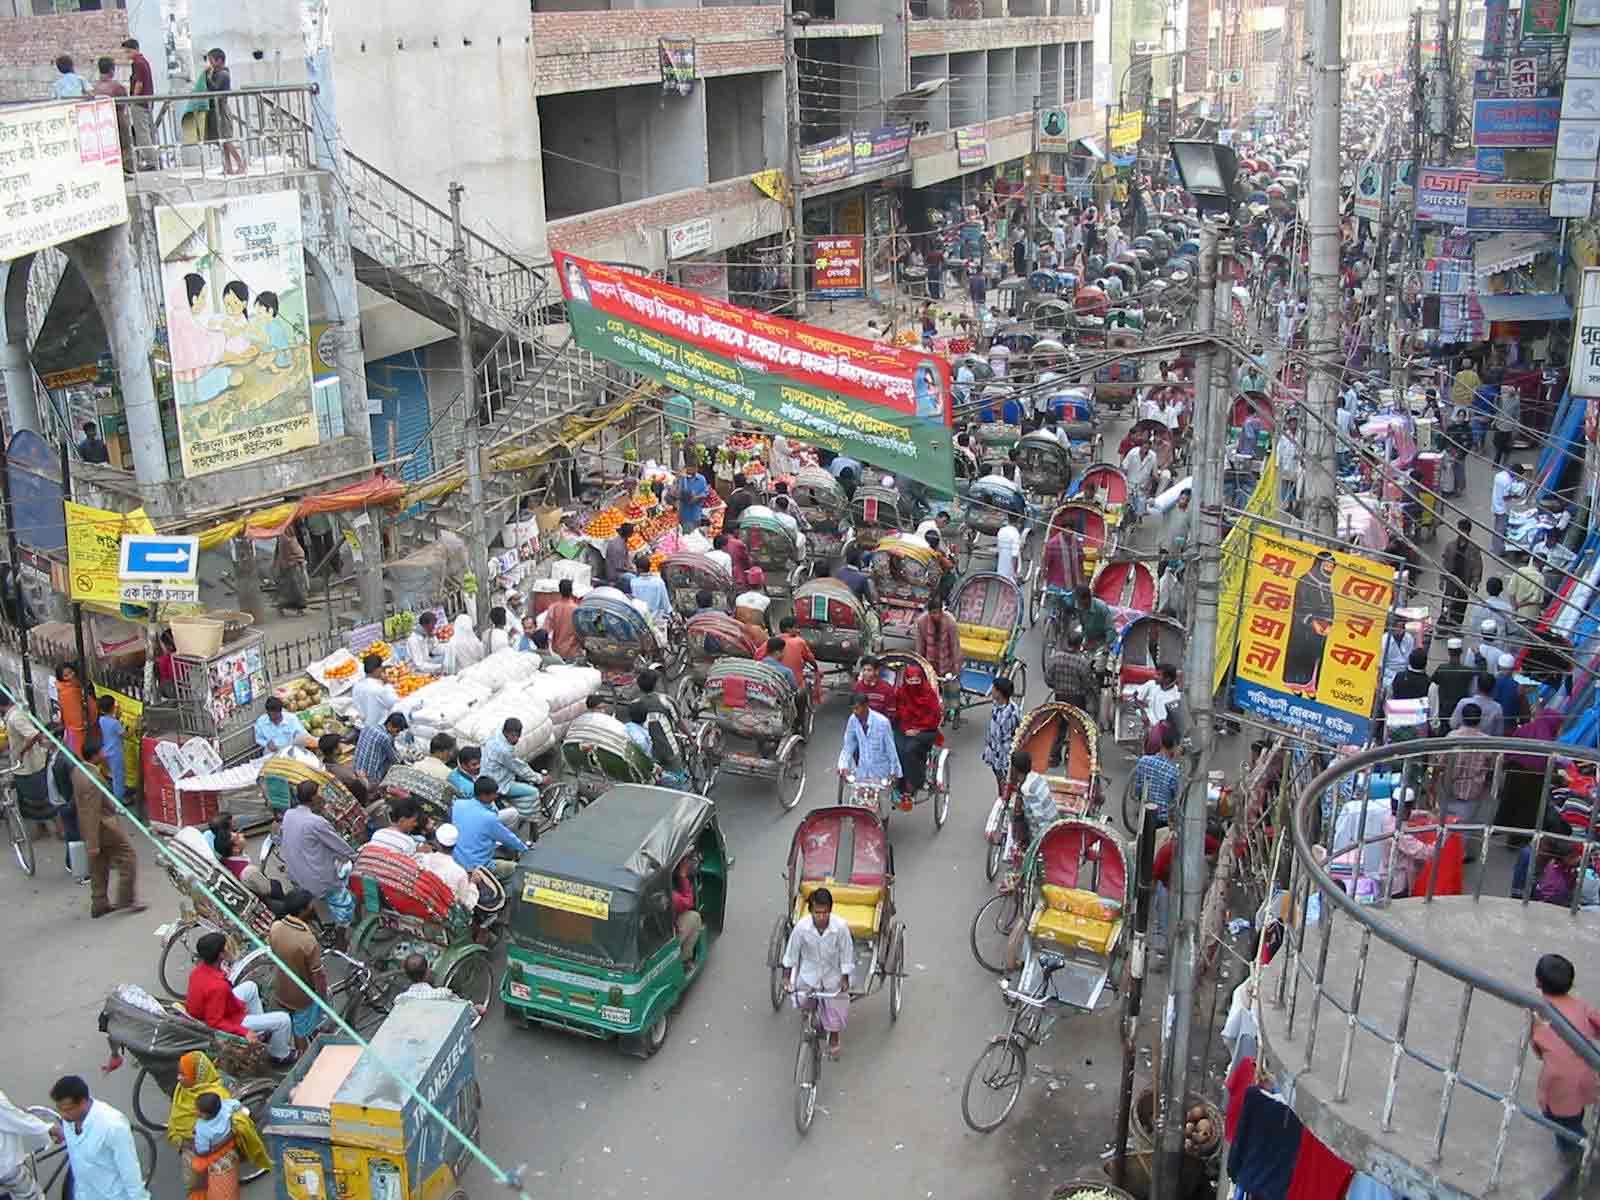 http://1.bp.blogspot.com/-15vuvmaNc40/TW0mS9jWWxI/AAAAAAAADYI/WRunkYZj3iE/s1600/bangladesh-dhaka-old-dhaka-2-web-groot.jpg